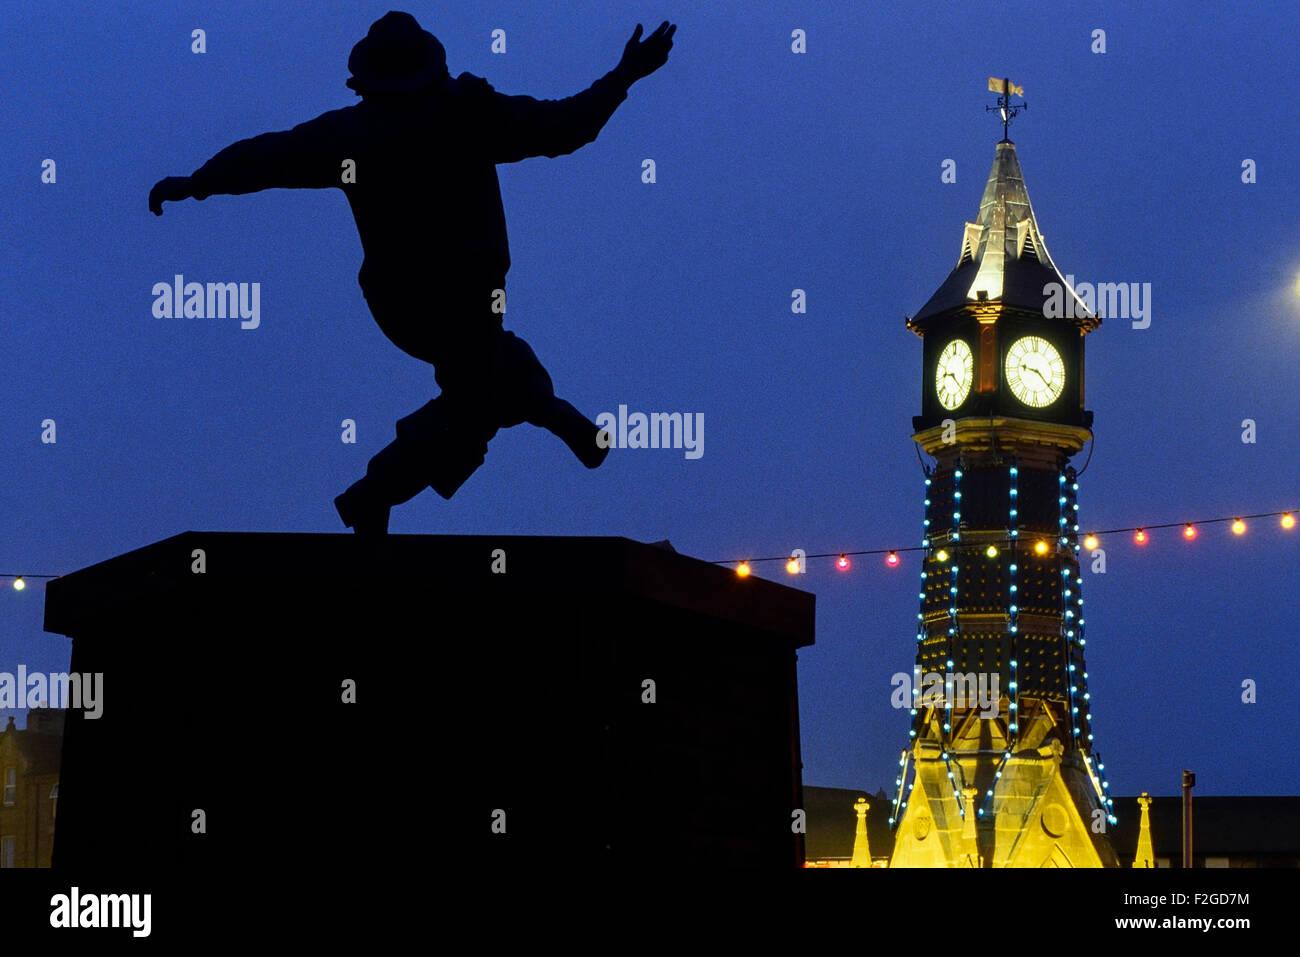 La Torre dell Orologio e il Jolly Fisherman statua di notte. Skegness. Lincolnshire. In Inghilterra. Regno Unito Immagini Stock